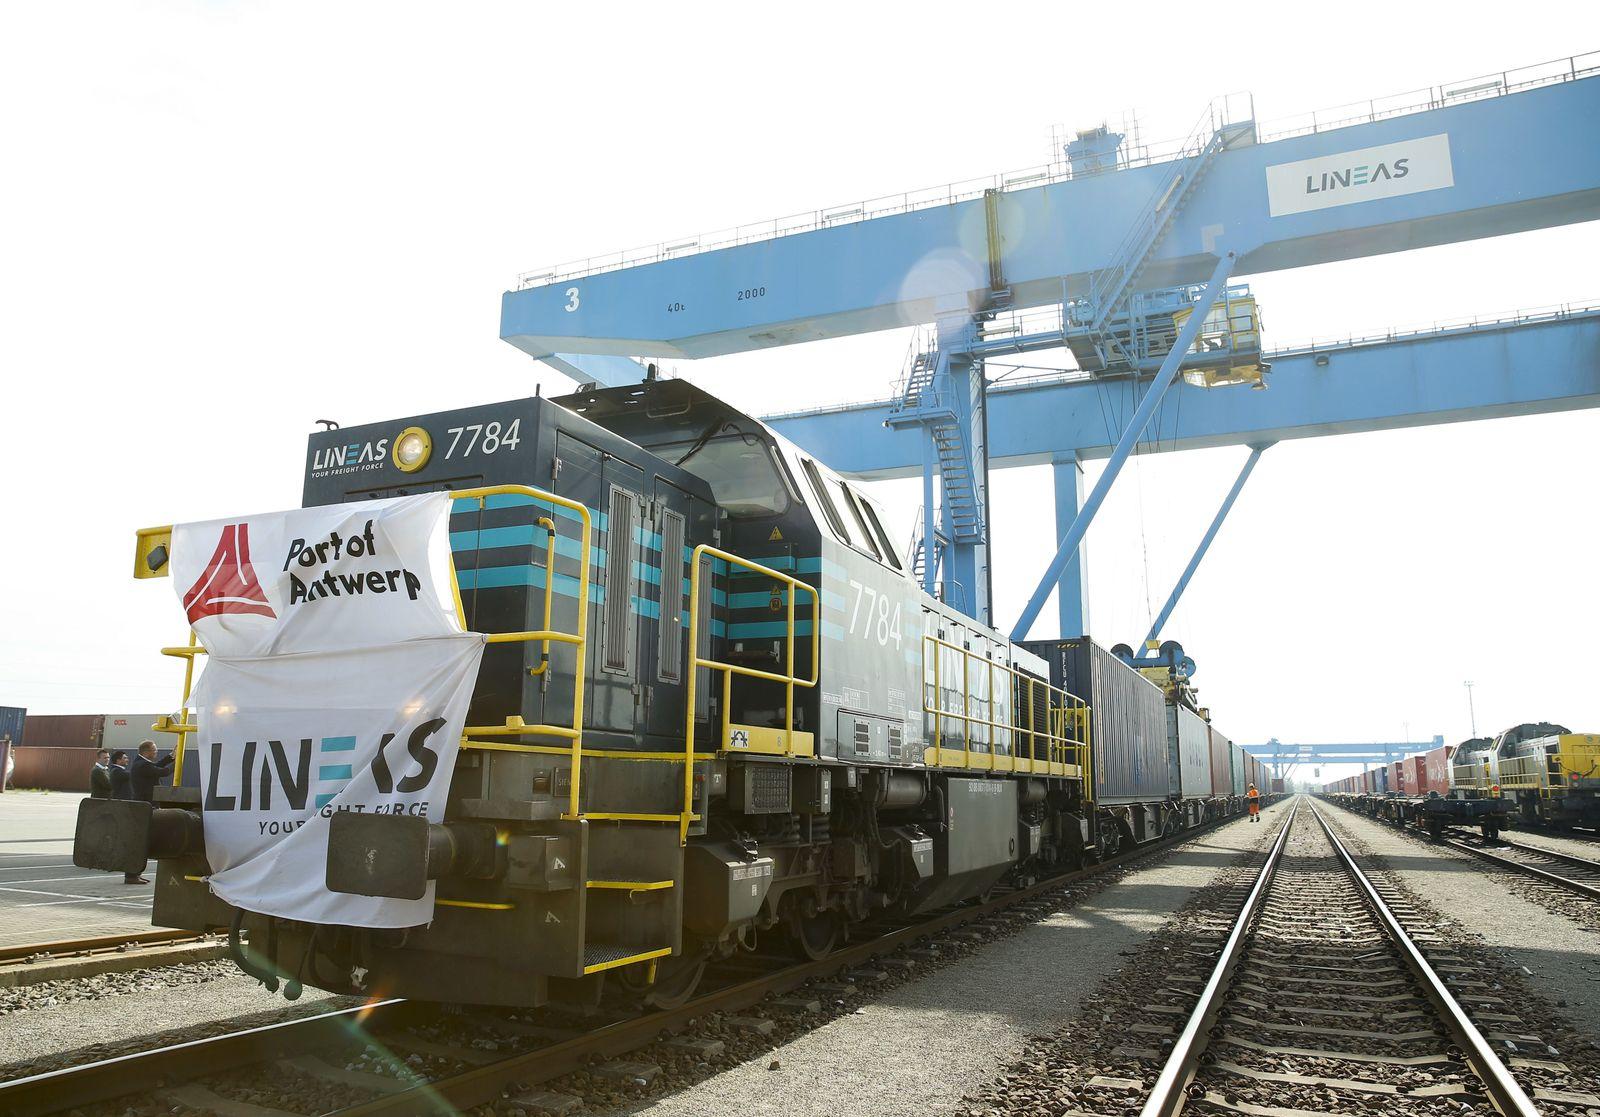 Chinesischer Güterzug kommt in Antwerpen an